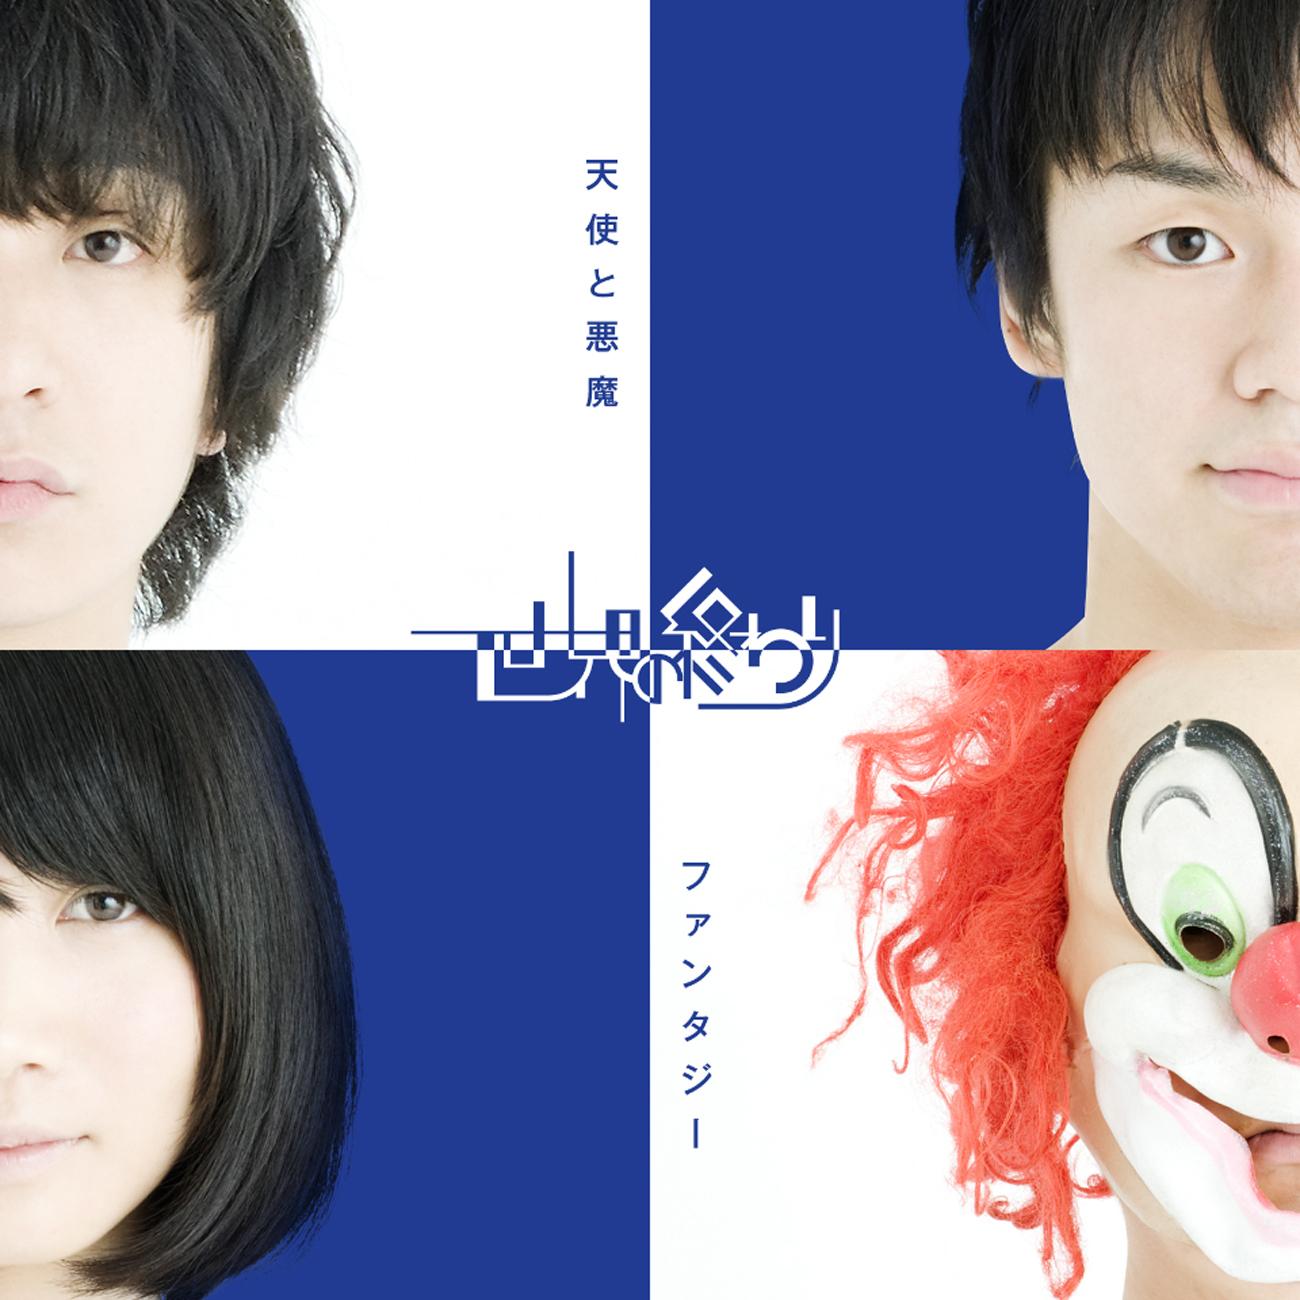 SEKAI NO OWARI 天使と悪魔/ ファンタジー(通常盤)